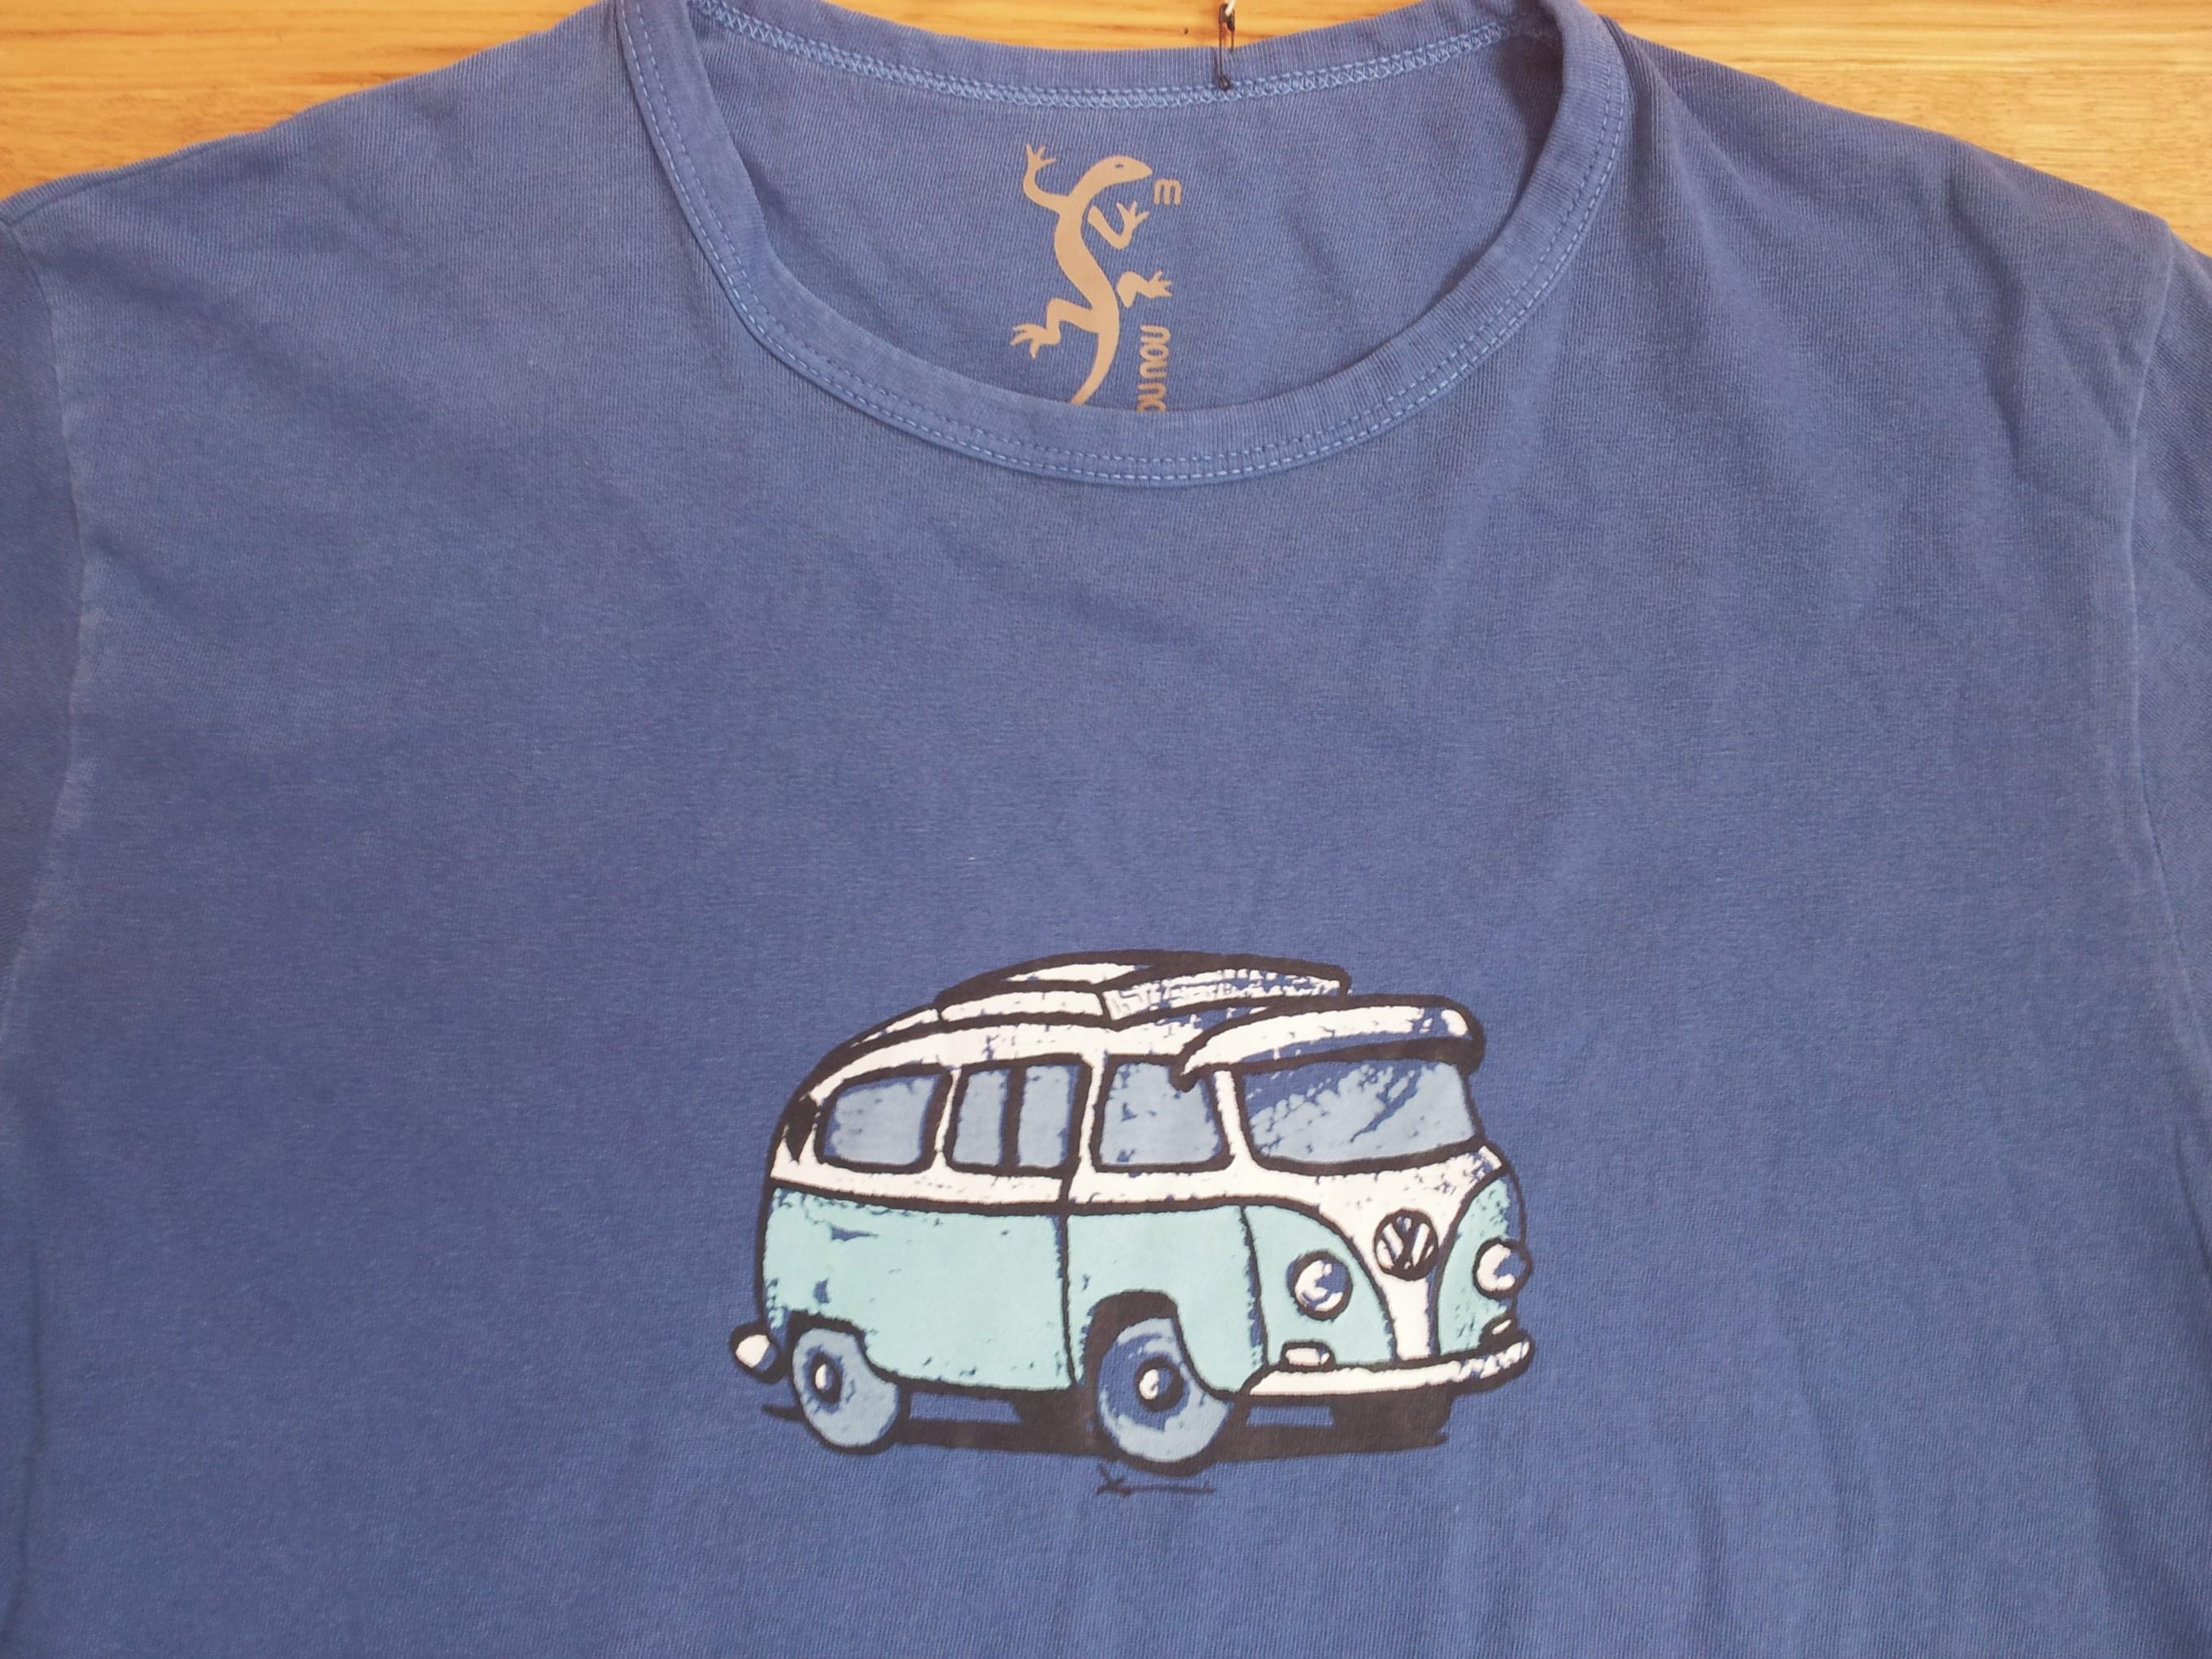 vw bus t shirts campervan crazy. Black Bedroom Furniture Sets. Home Design Ideas